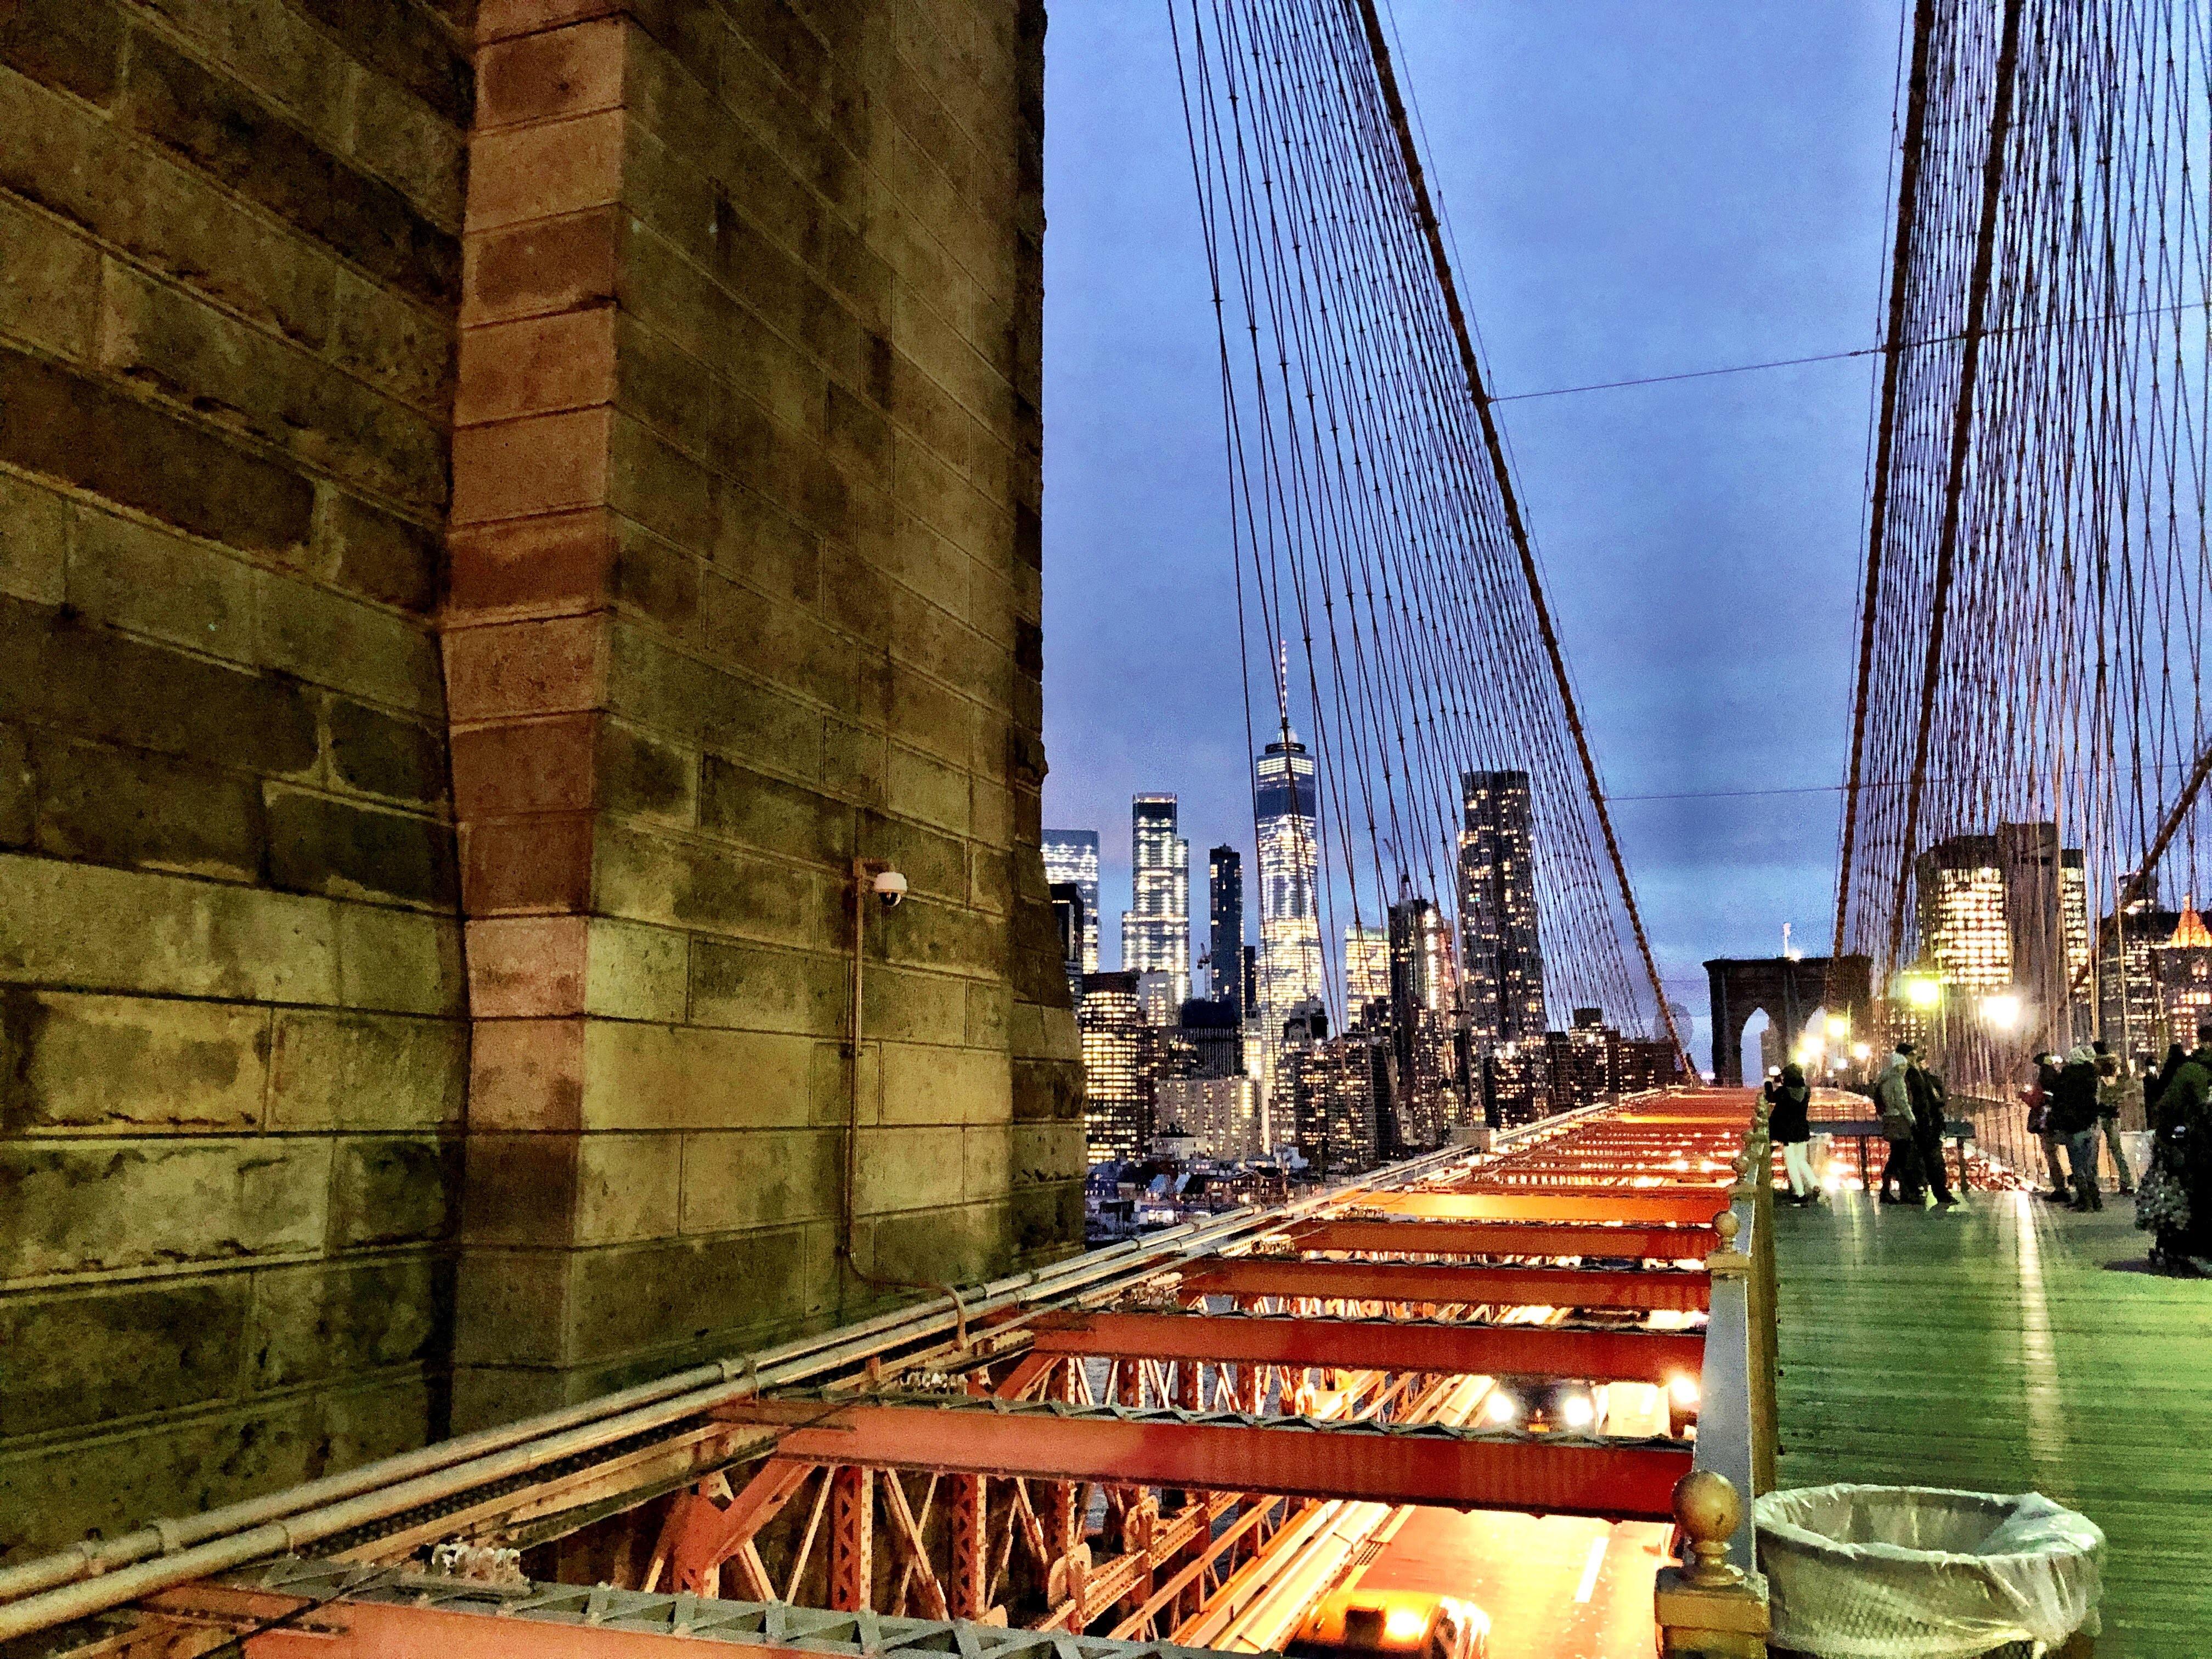 Brooklyn Bridge looking at NYC at night